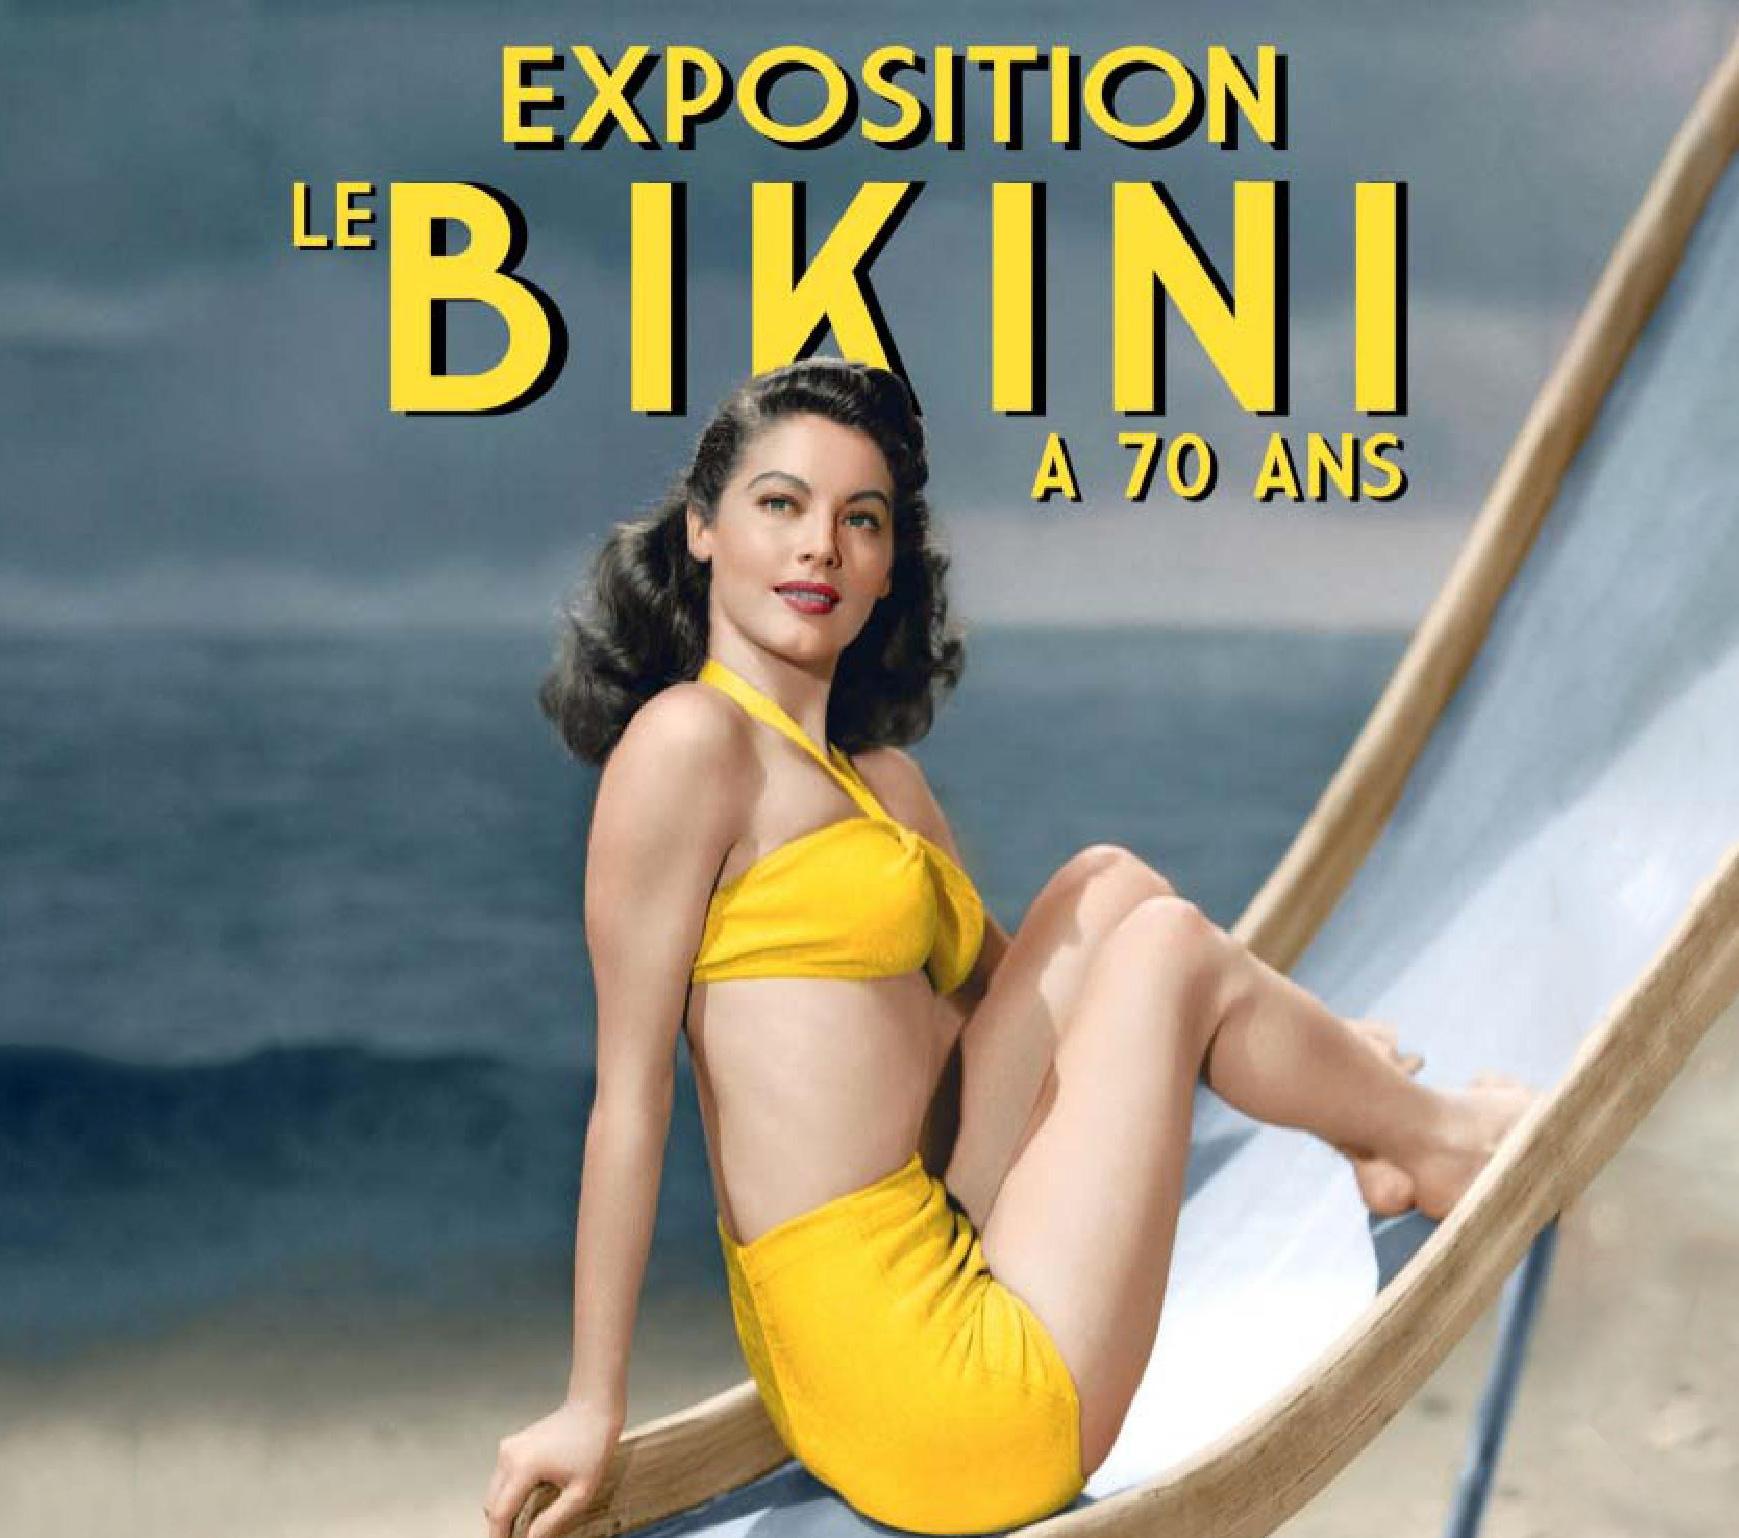 Le Bikini à la galerie Joseph Froissart, les 70 ans d'une icône glamour